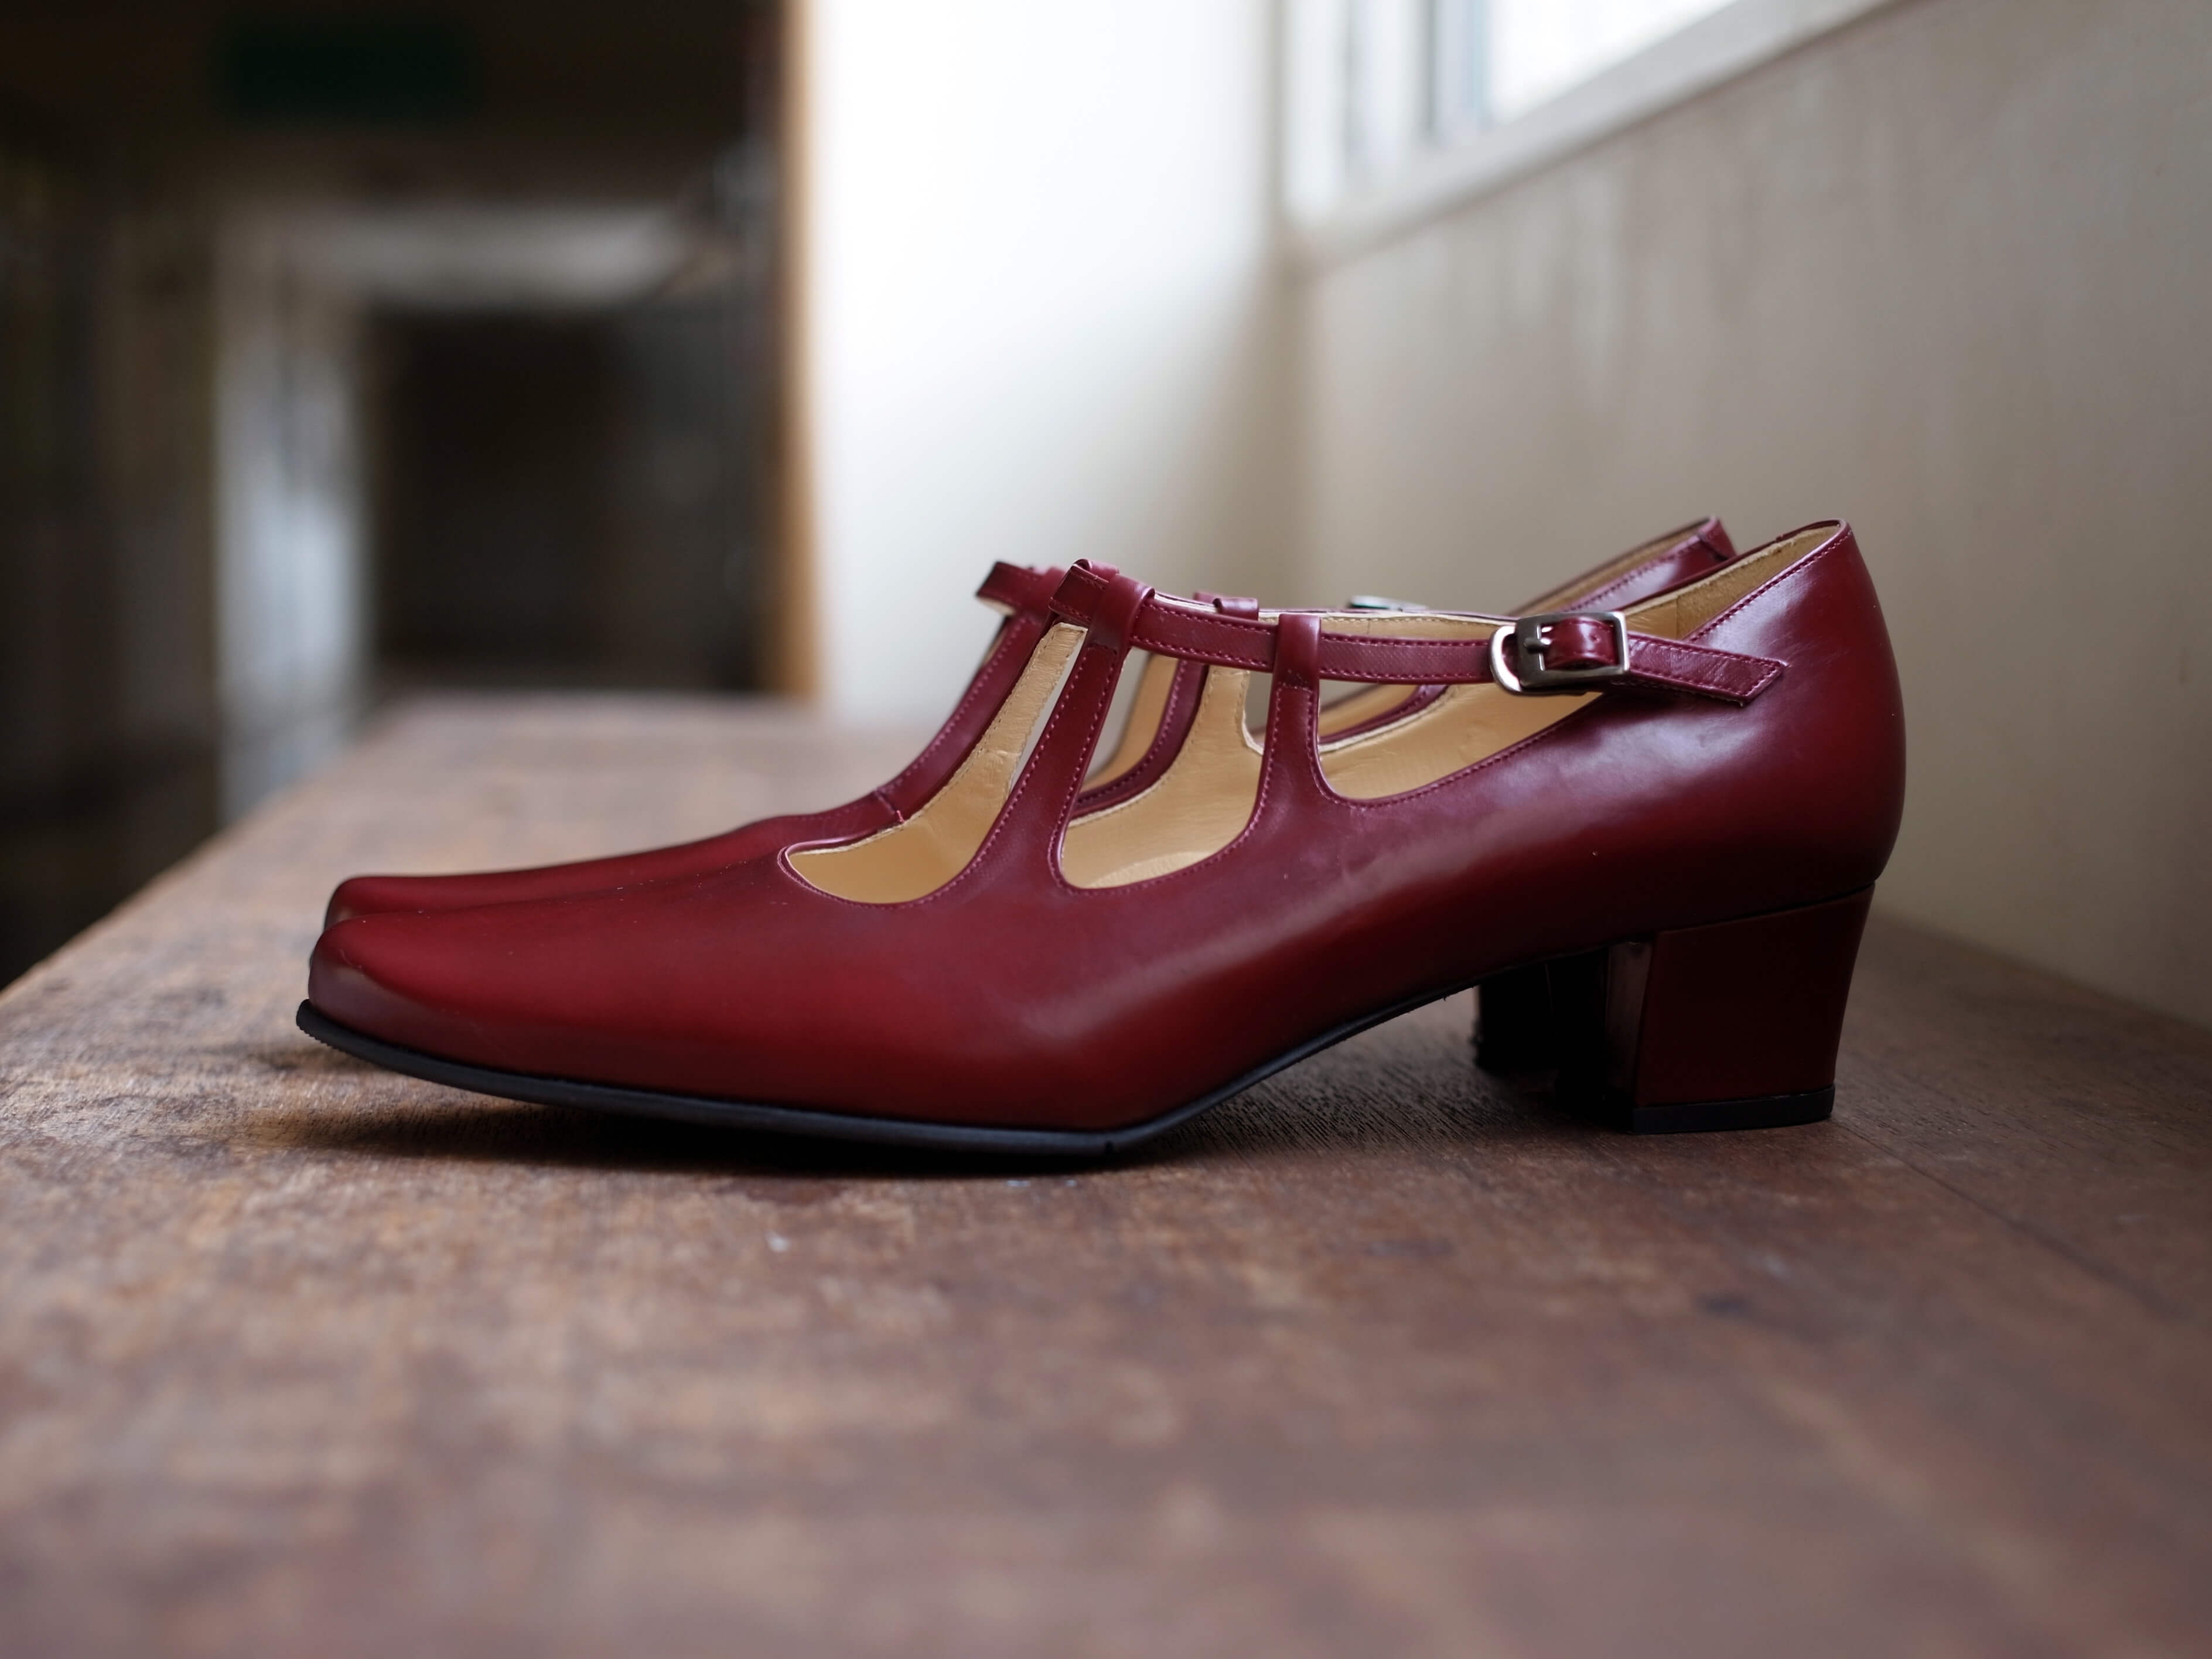 靴 オーダー パンプス レッド 神戸 halva-halva